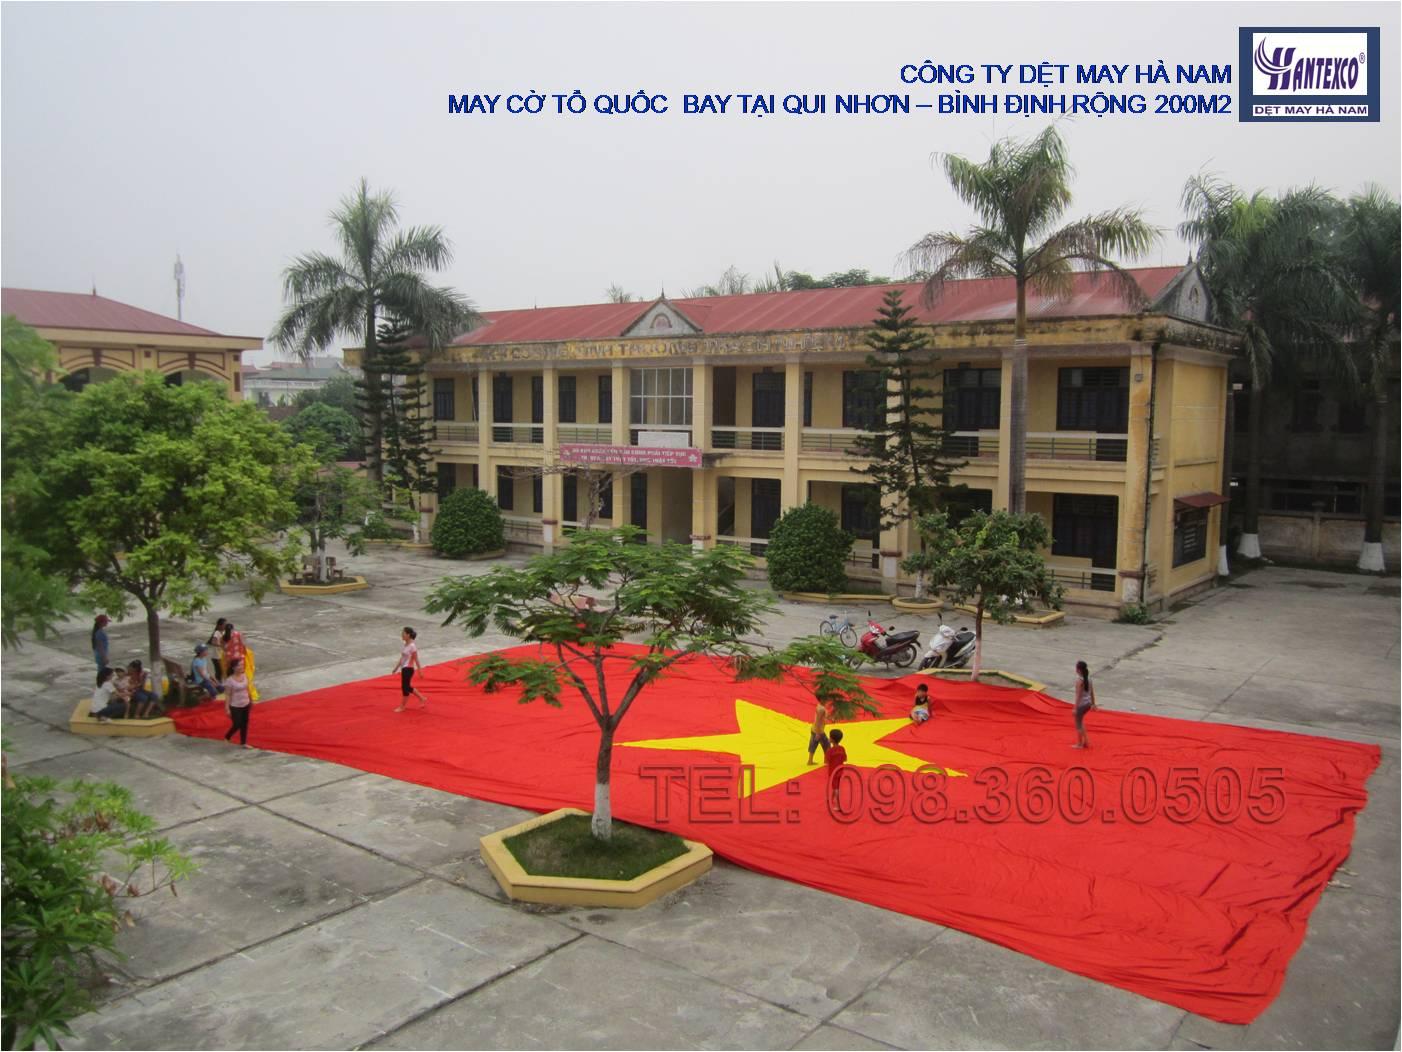 Cung cấp cờ Tổ Quốc bay tại Bình Định - Rộng 200m2